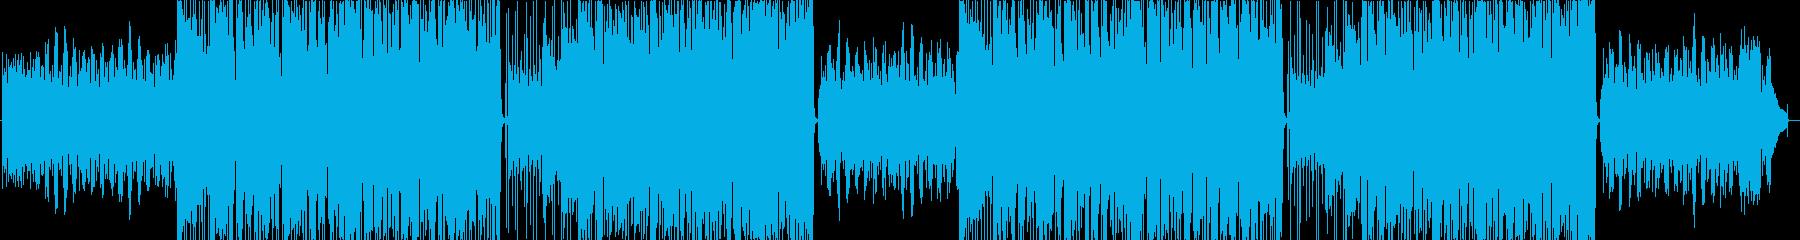 明るく楽しいほのぼのした日常曲の再生済みの波形